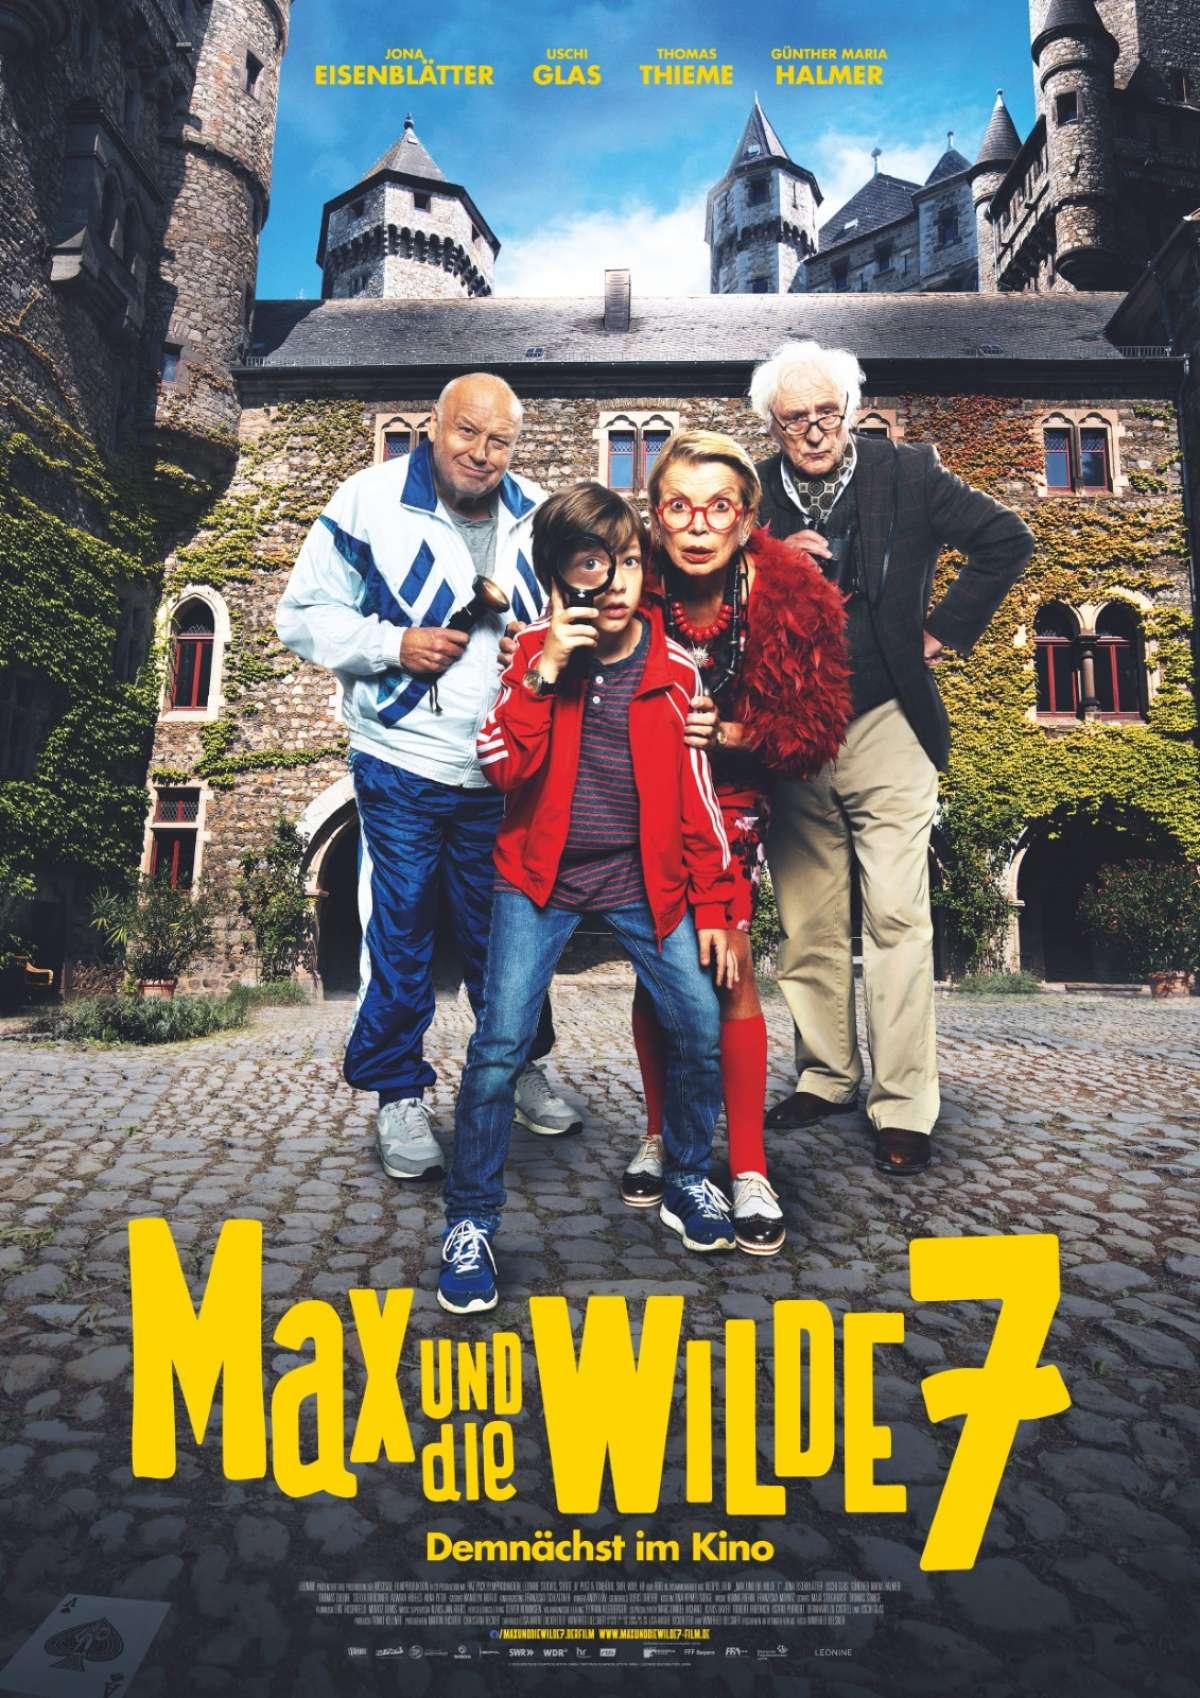 Max und die wilde 7 - Cineplex  - Paderborn